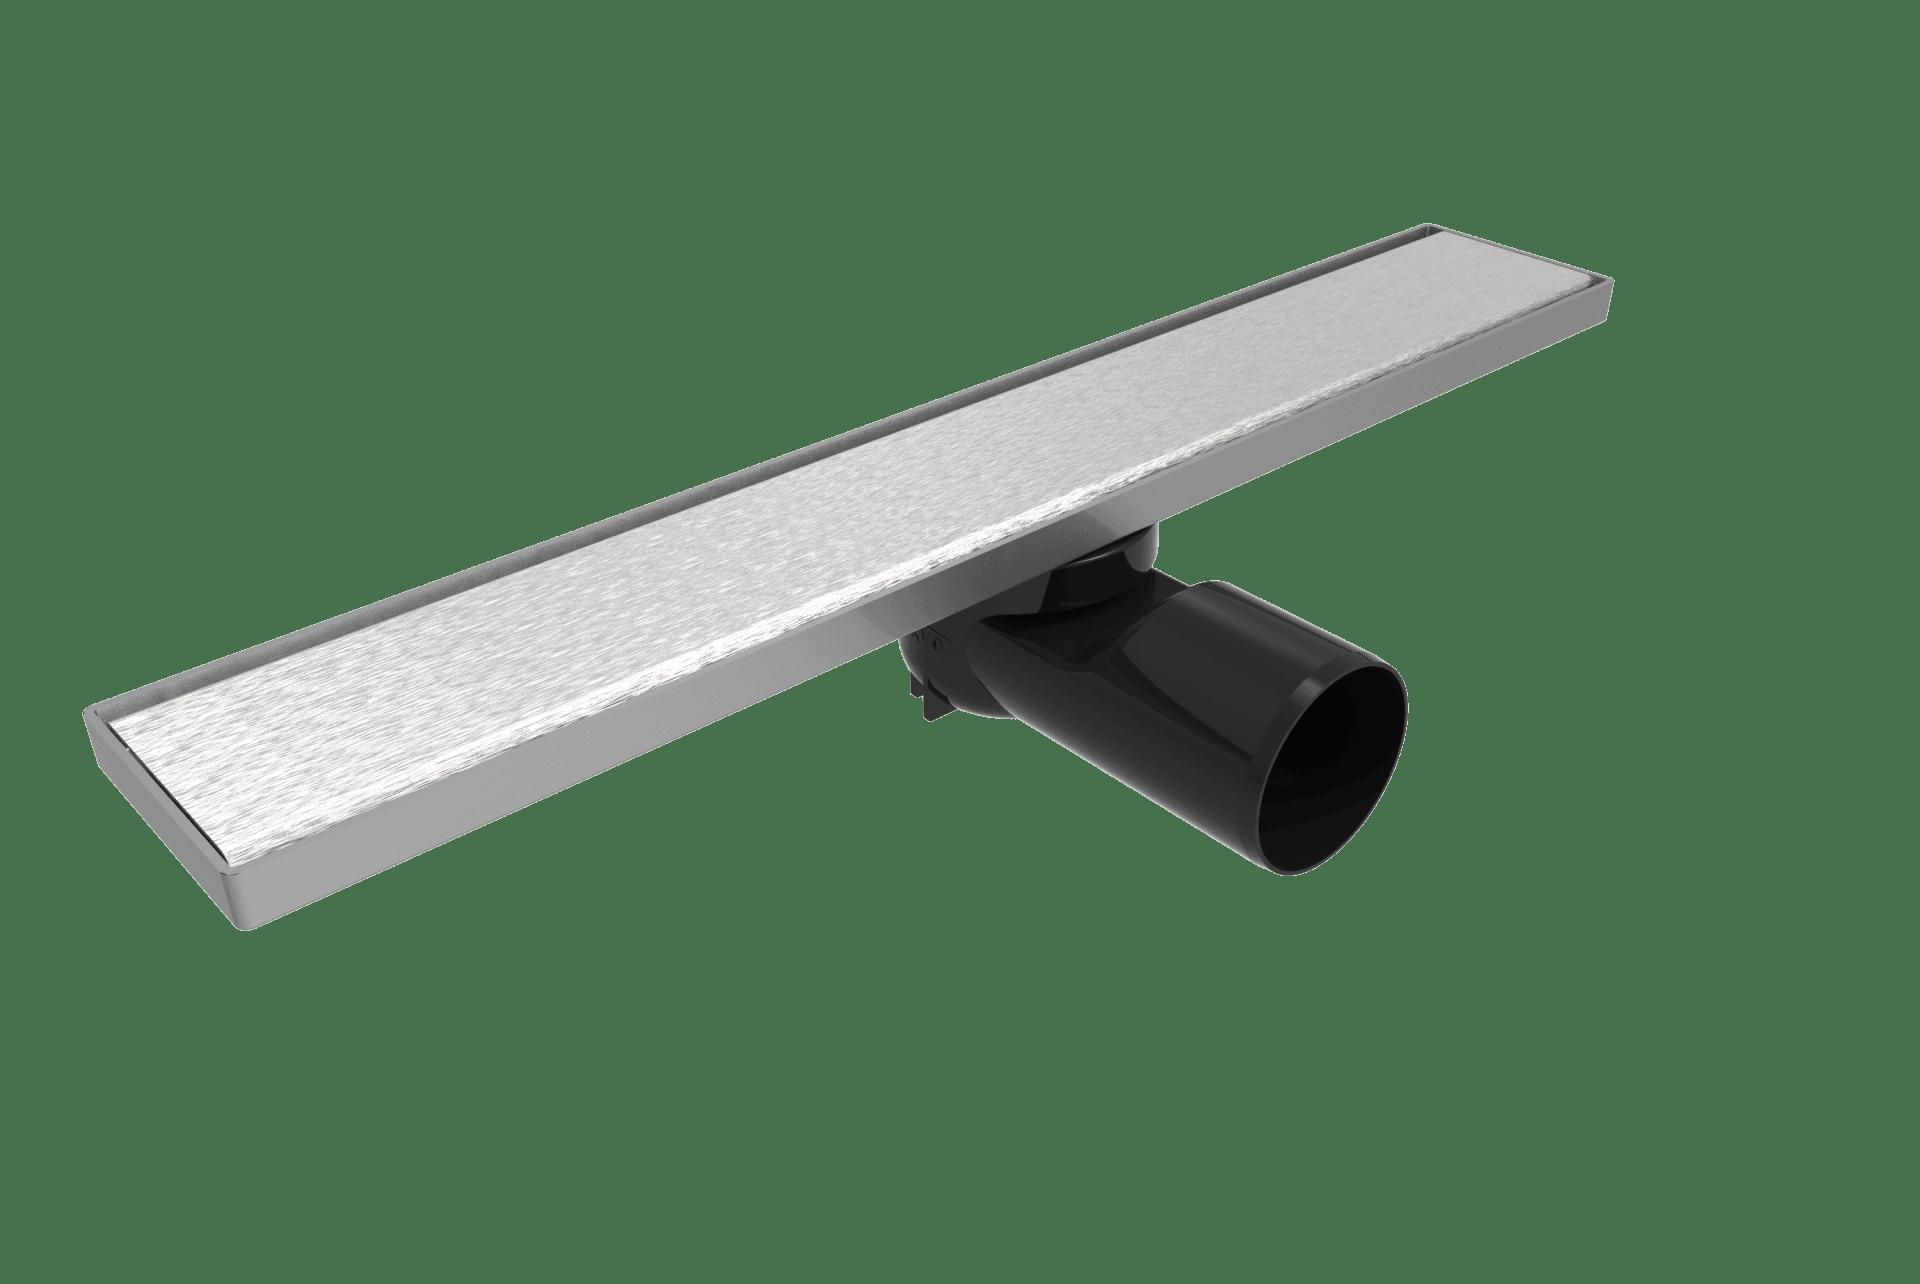 Линеен сифон 40 см - Серия PB - плътна решетка, клапа против миризми